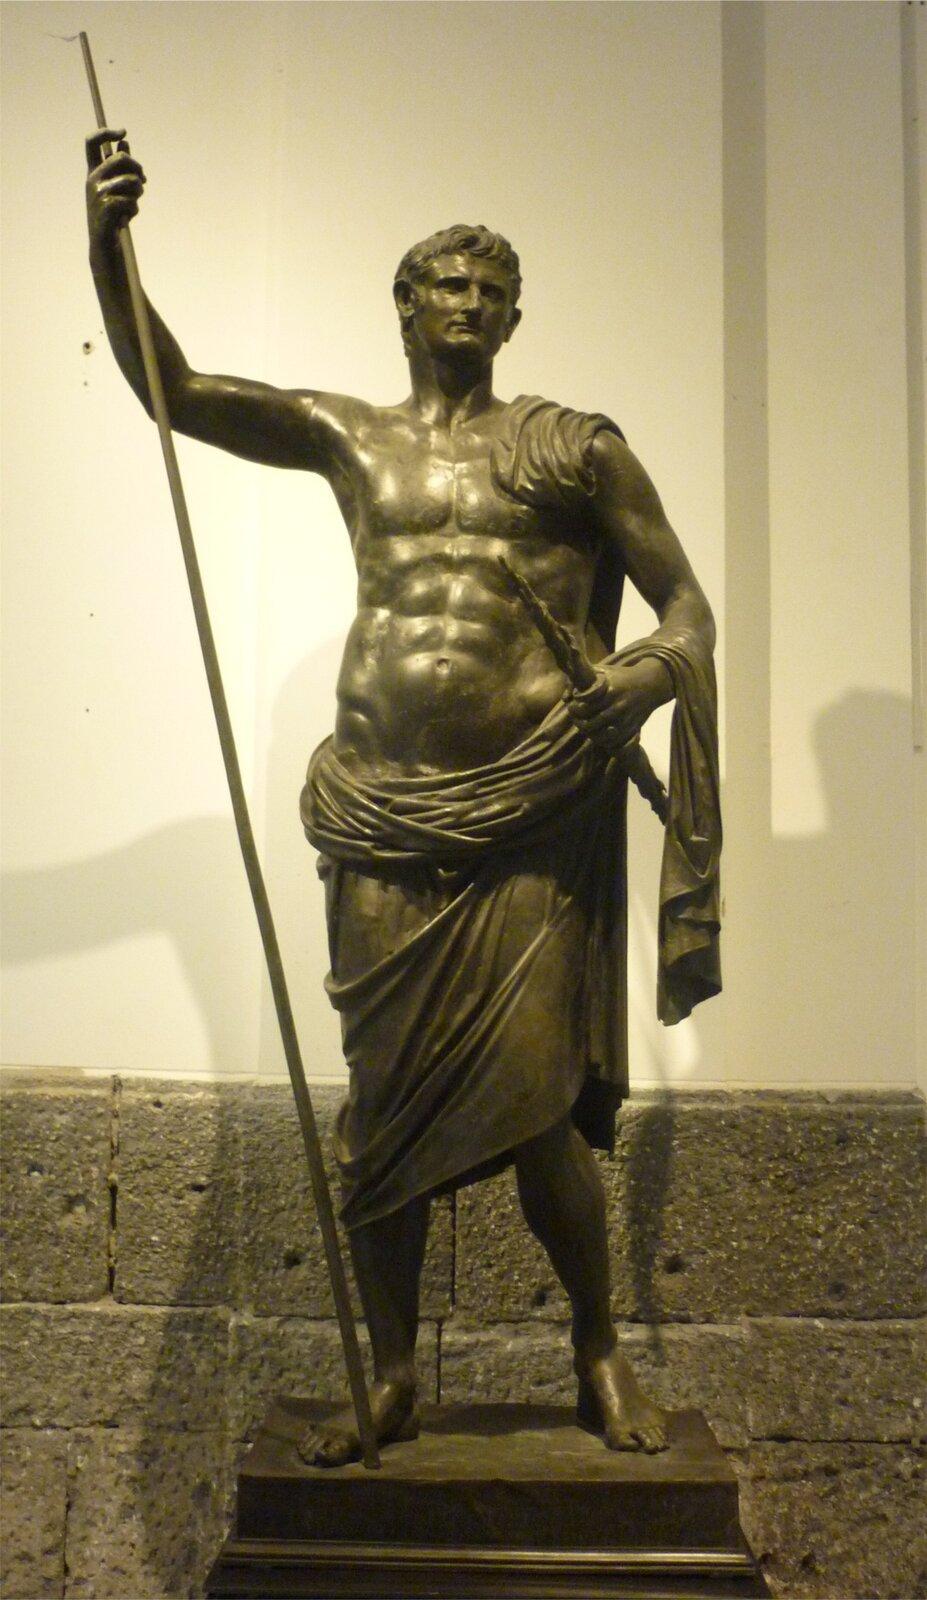 Ilustracja przedstawia posąg Oktawiana Augusta. Rzeźba wykonana jest zbrązu. Ukazuje cesarza, jako młodego umięśnionego mężczyznę. Jest półnagi; szata osłania go od pasa wdół. Ma małą głowę lekko przechyloną wbok. Posąg wyrzeźbiony został zgodnie ze starożytną zasadą ponderacji: ciężar spoczywa na jednej stopie, sylwetka jest lekko esowata. Cesarz wjednej ręce trzyma wysoki drzewiec, wdrugiej krótką rzeźbioną laskę.